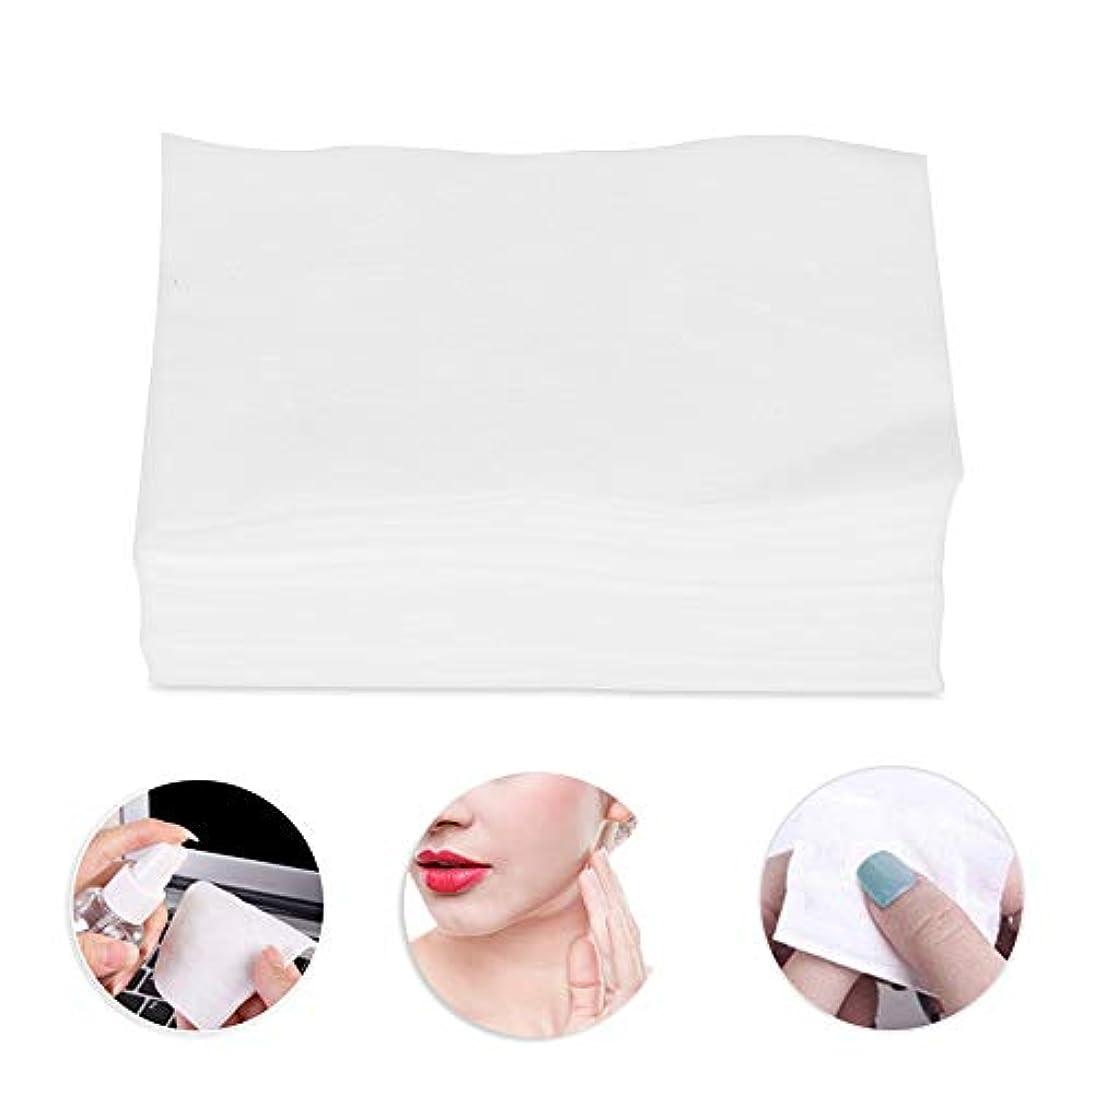 一般的にカート精通した300個の化粧コットンパッド、化粧リムーバースキンケアクリーニングワイプ用の柔らかいコットン